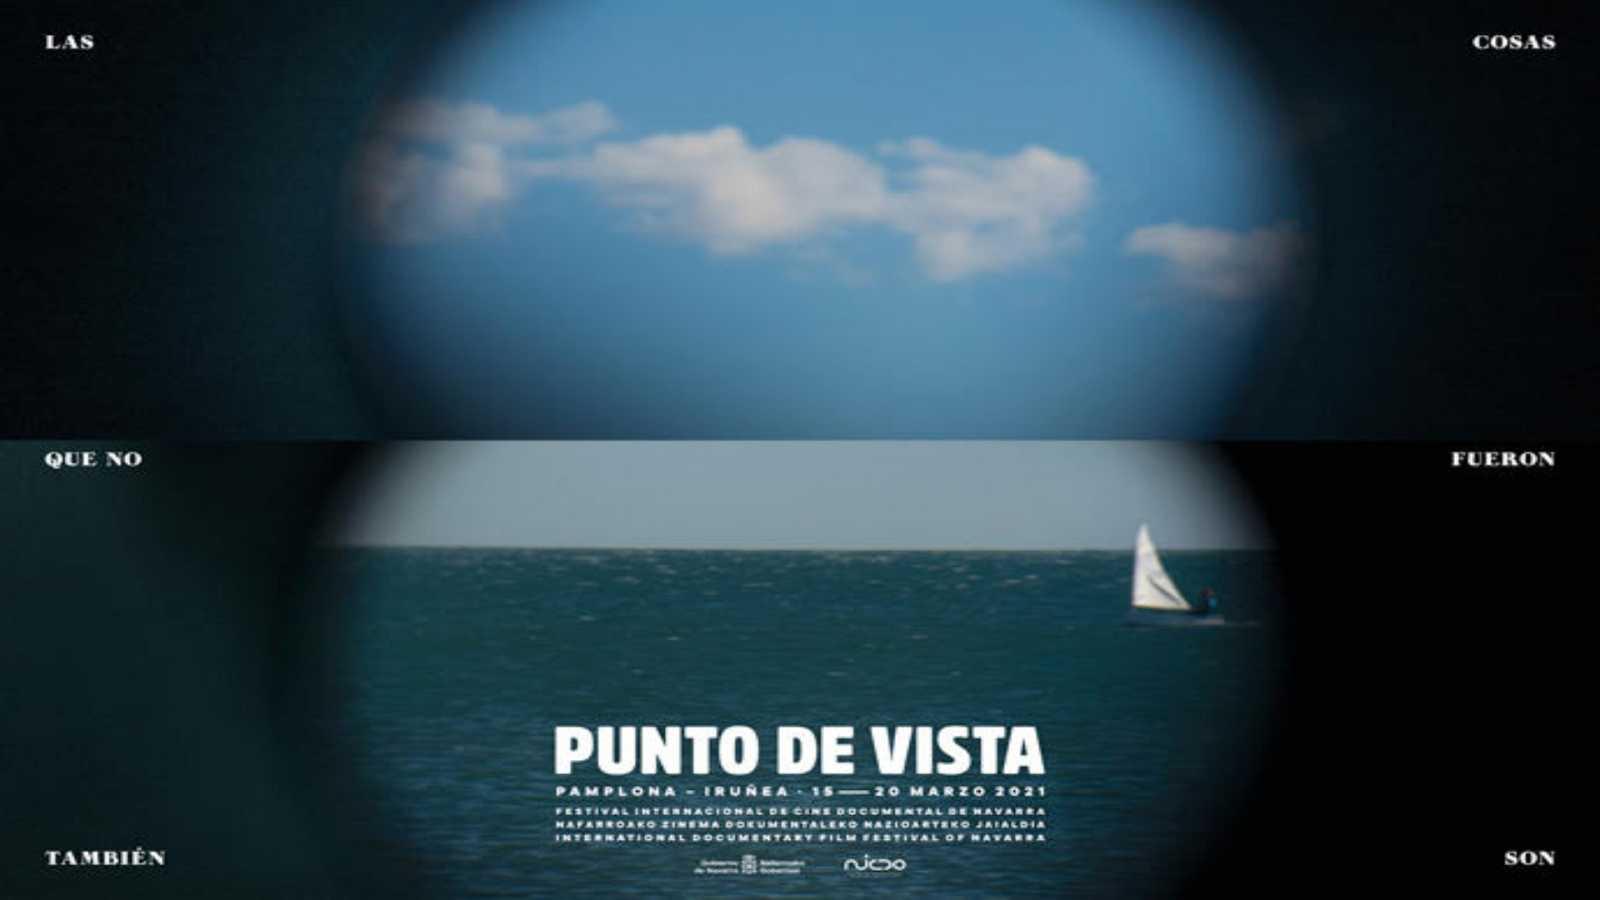 El cine que viene - 'Dardara' inaugura el Festival Punto de Vista de Navarra - 12/03/21 - Escuchar ahora